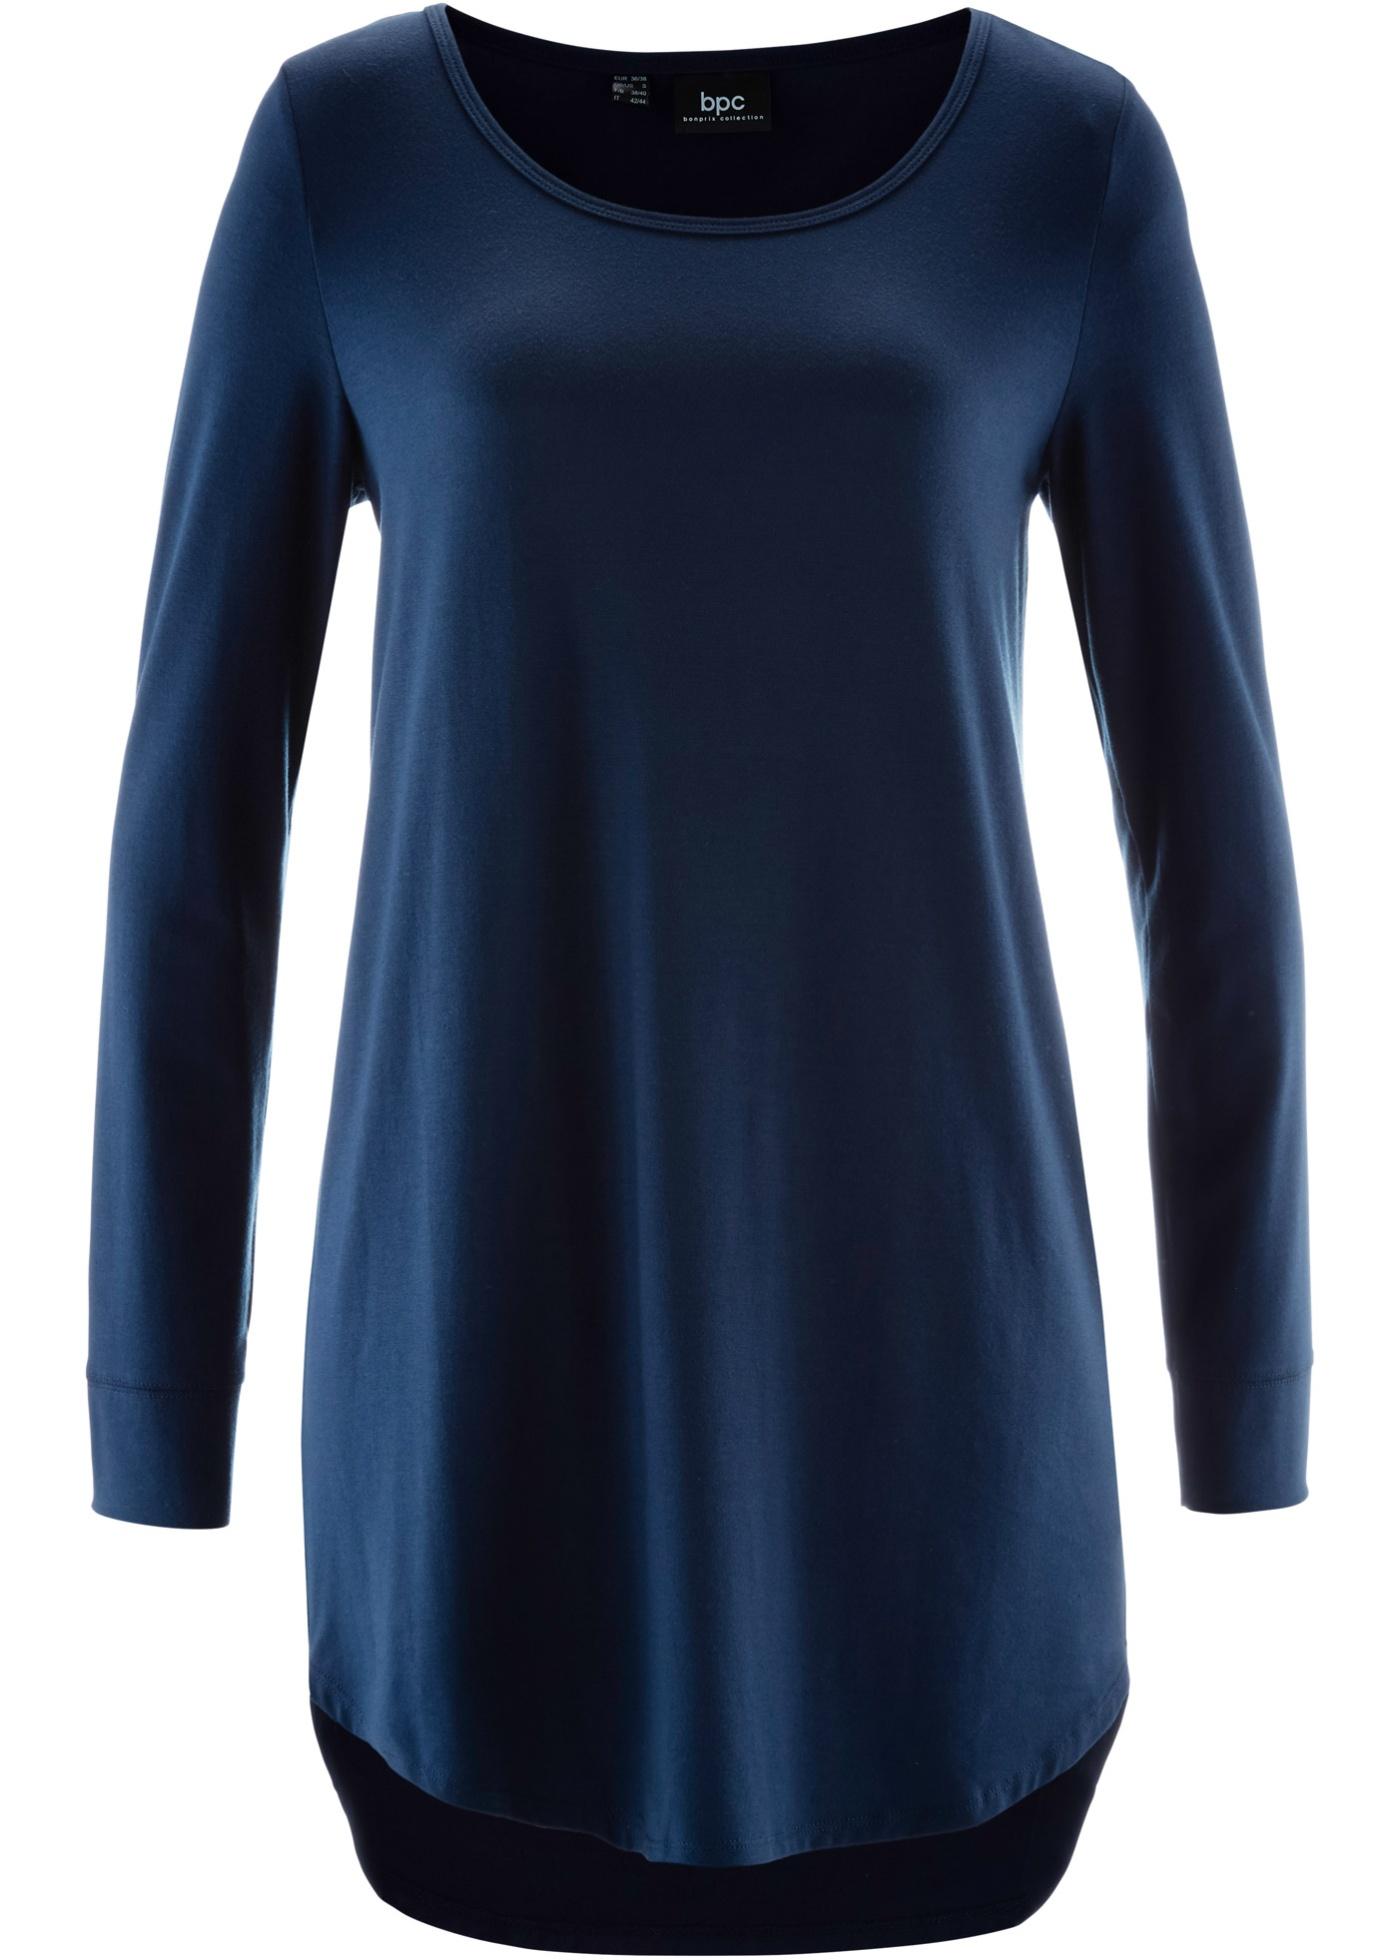 Bpc À Manches Bonprix Femme CollectionT Bleu Pour shirt Long Longues hQsdtrC